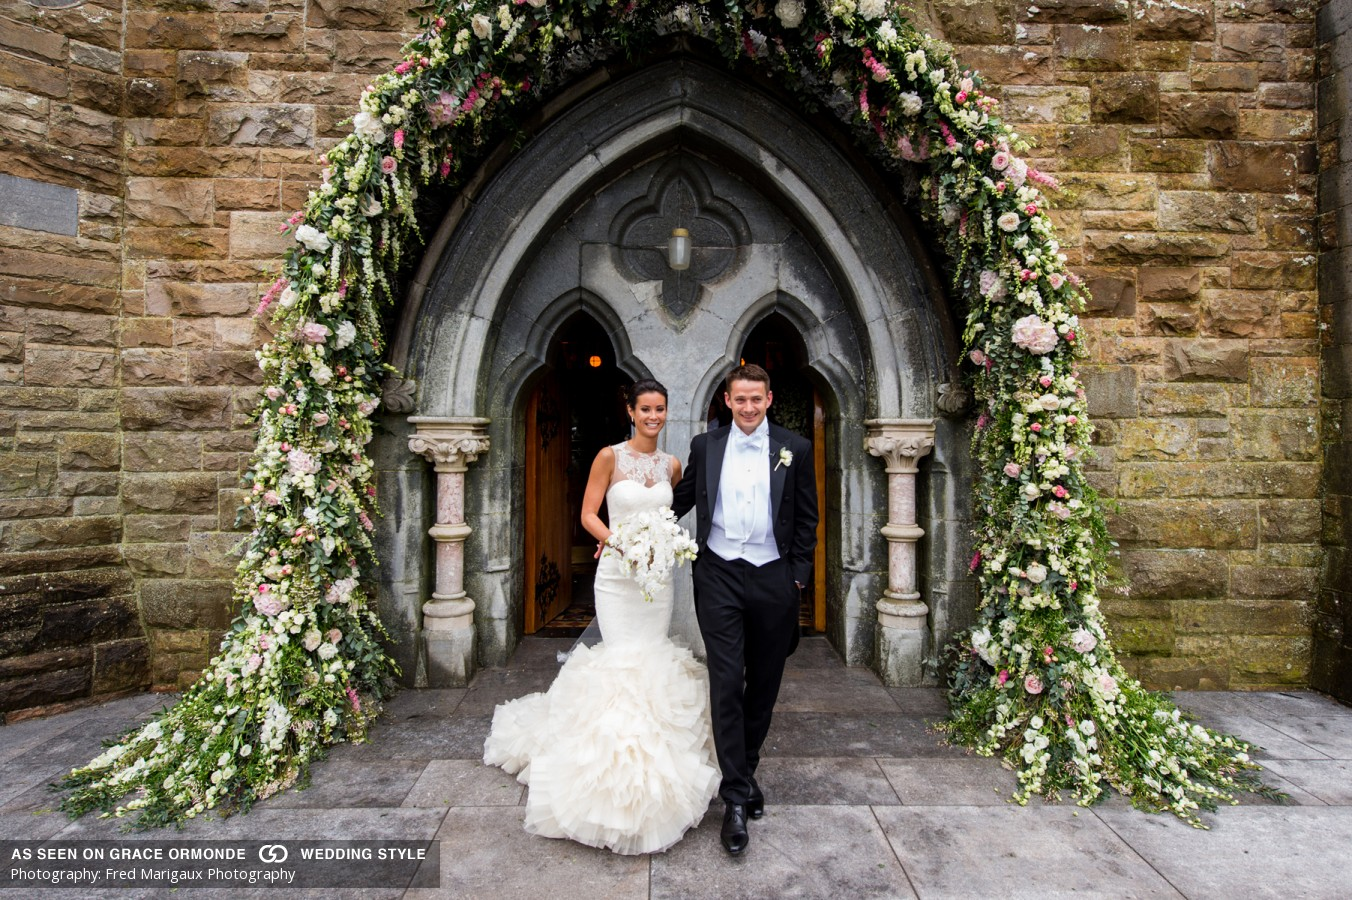 fred-marigaux-wedding-2016-ireland-09.jpg